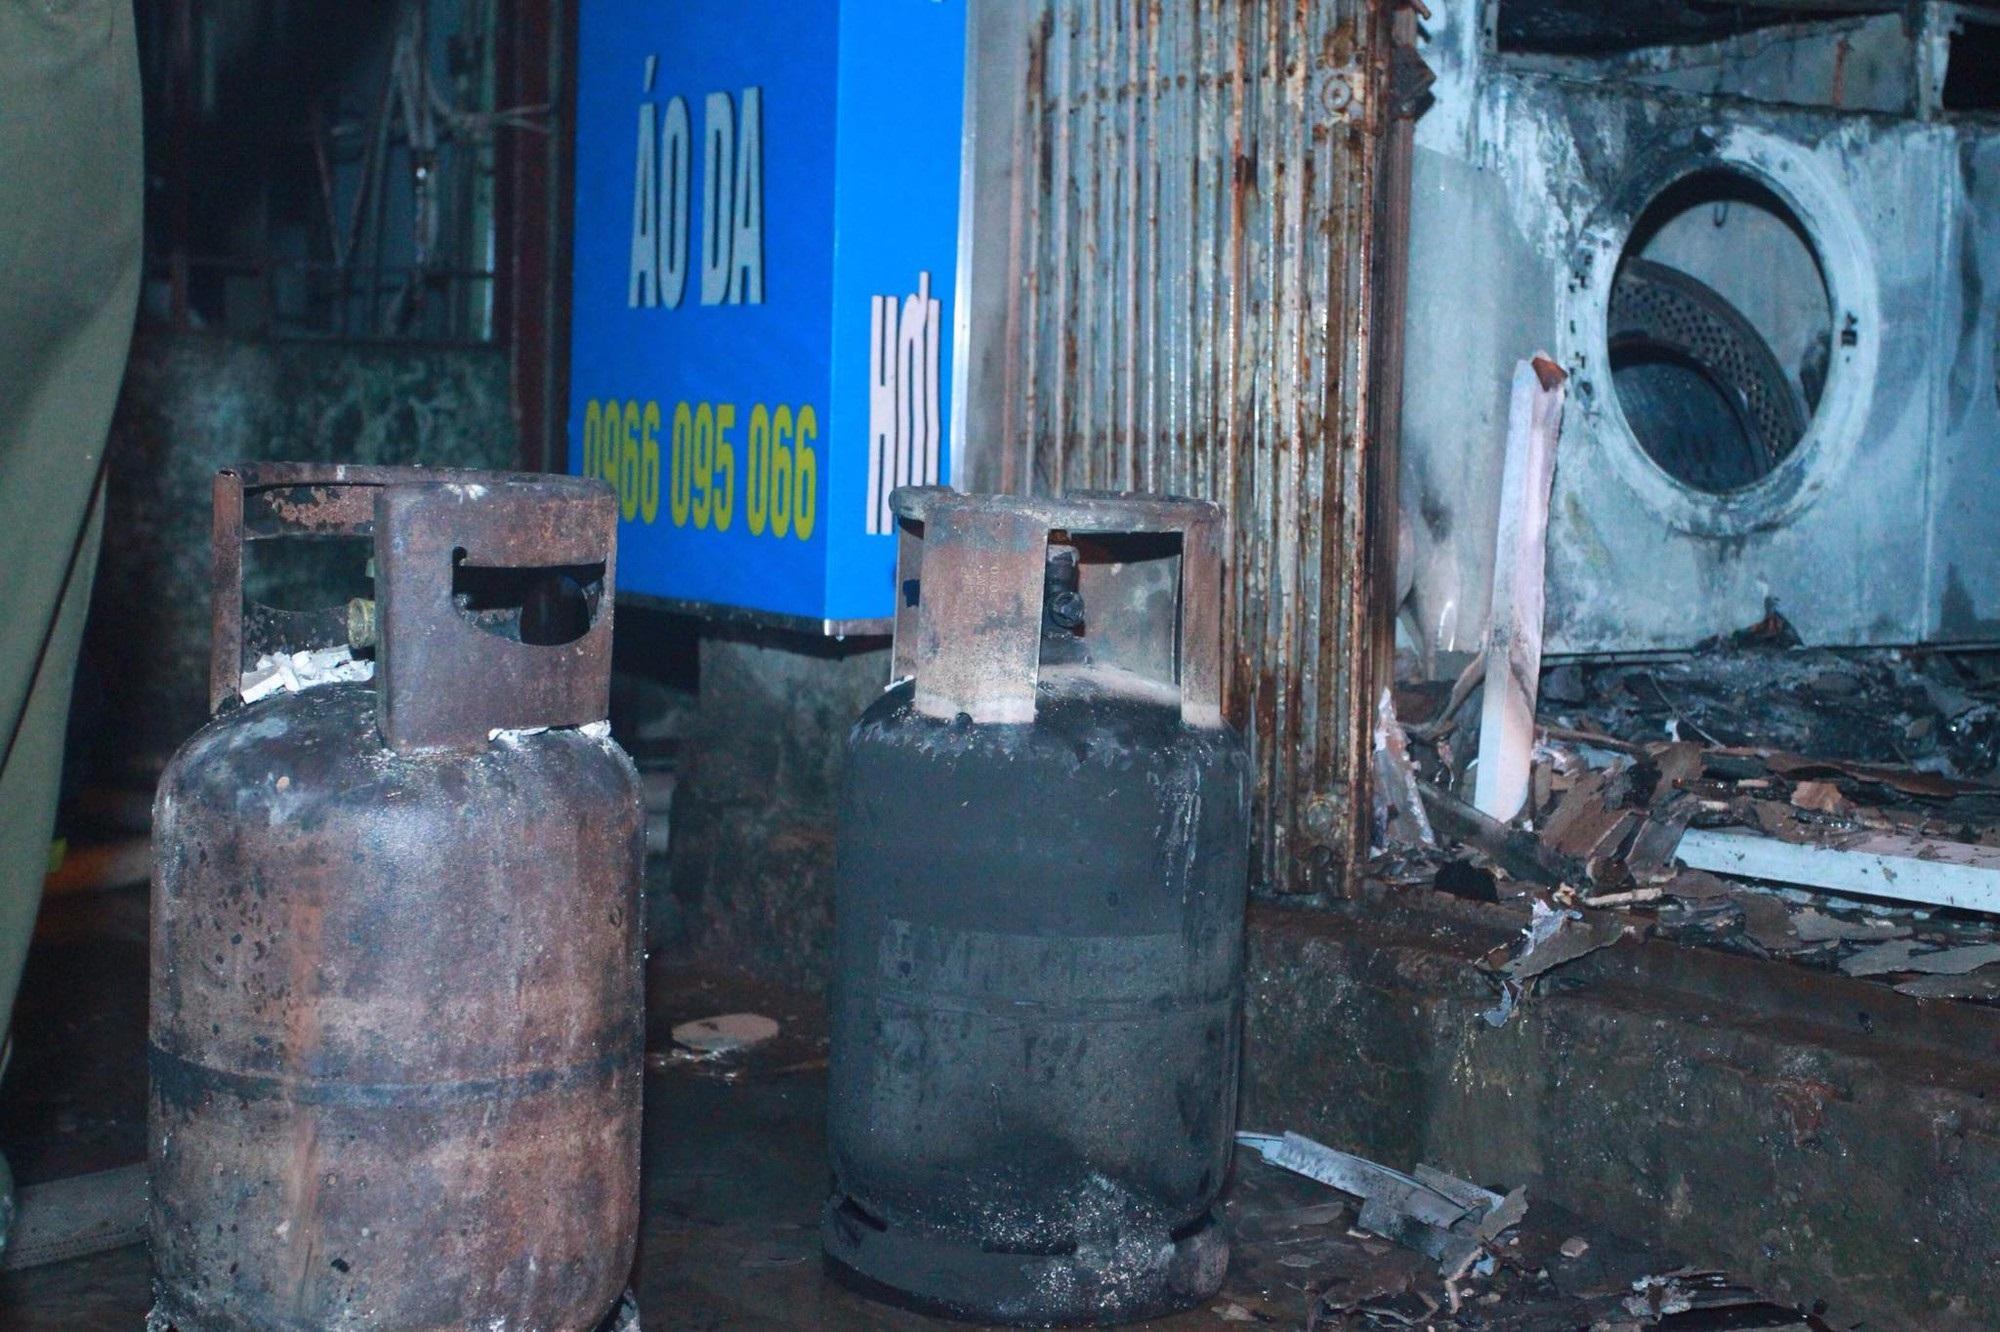 Hà Nội: Cháy lớn cửa hàng giặt là và sang chiết gas, nhiều tài sản bị thiêu rụi hoàn toàn - Ảnh 2